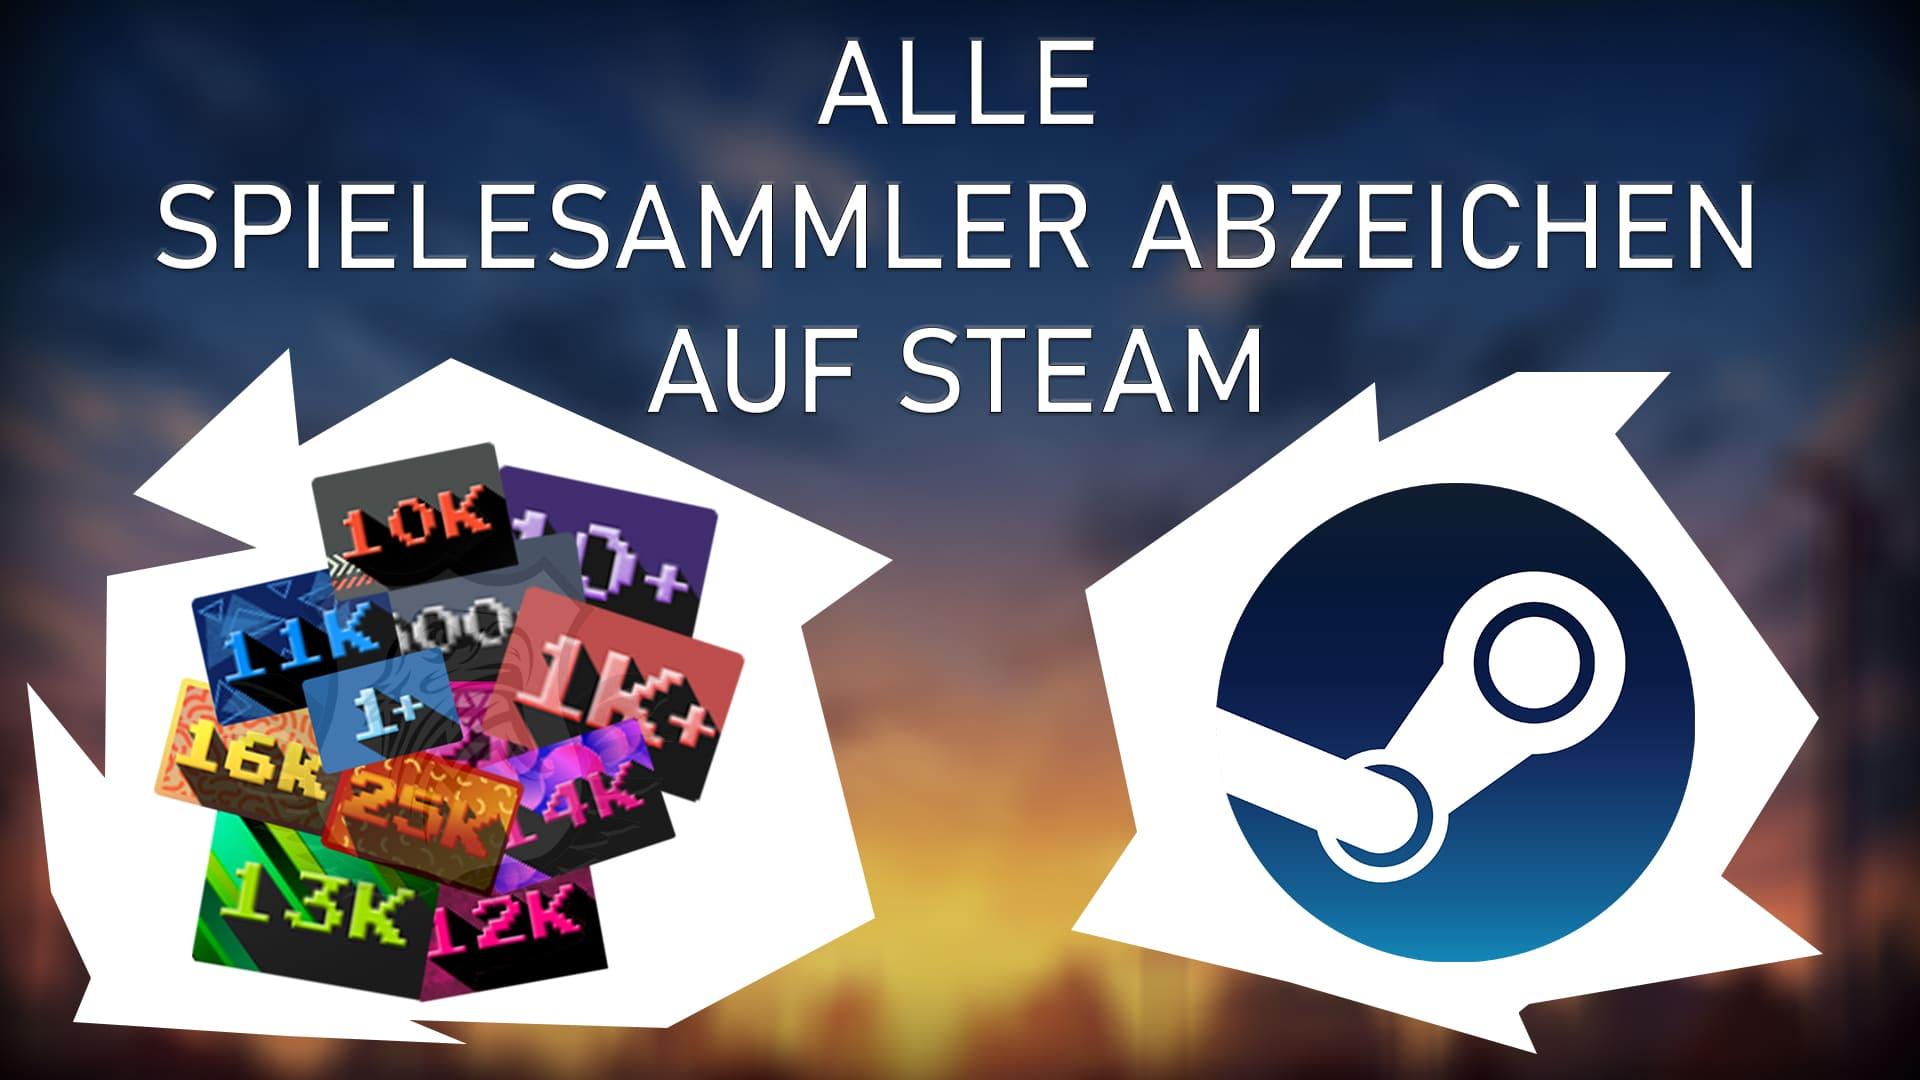 Steam Alle Spielesammler Abzeichen - Haton.net